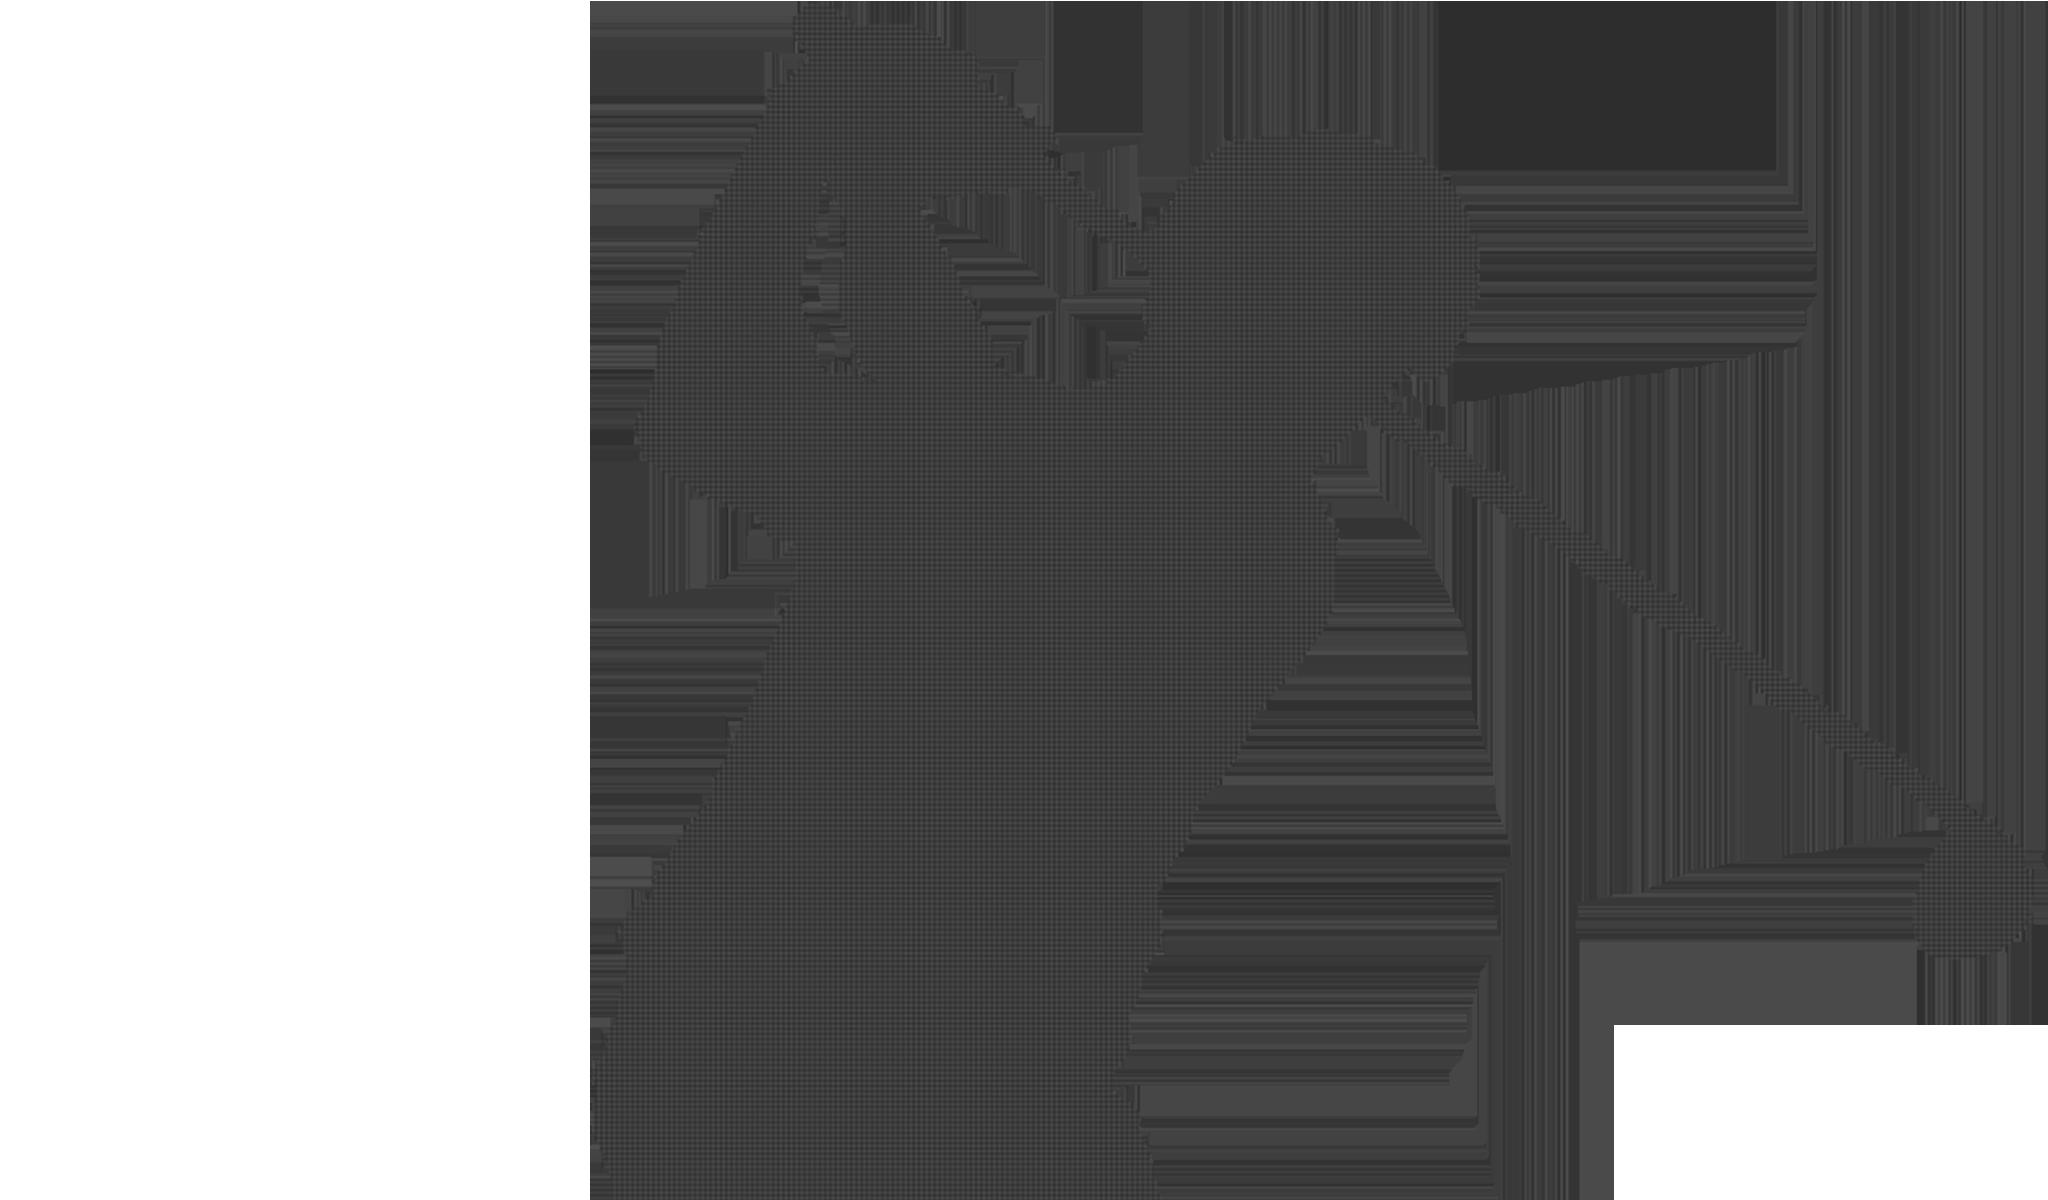 さざなみゴルフクラブ